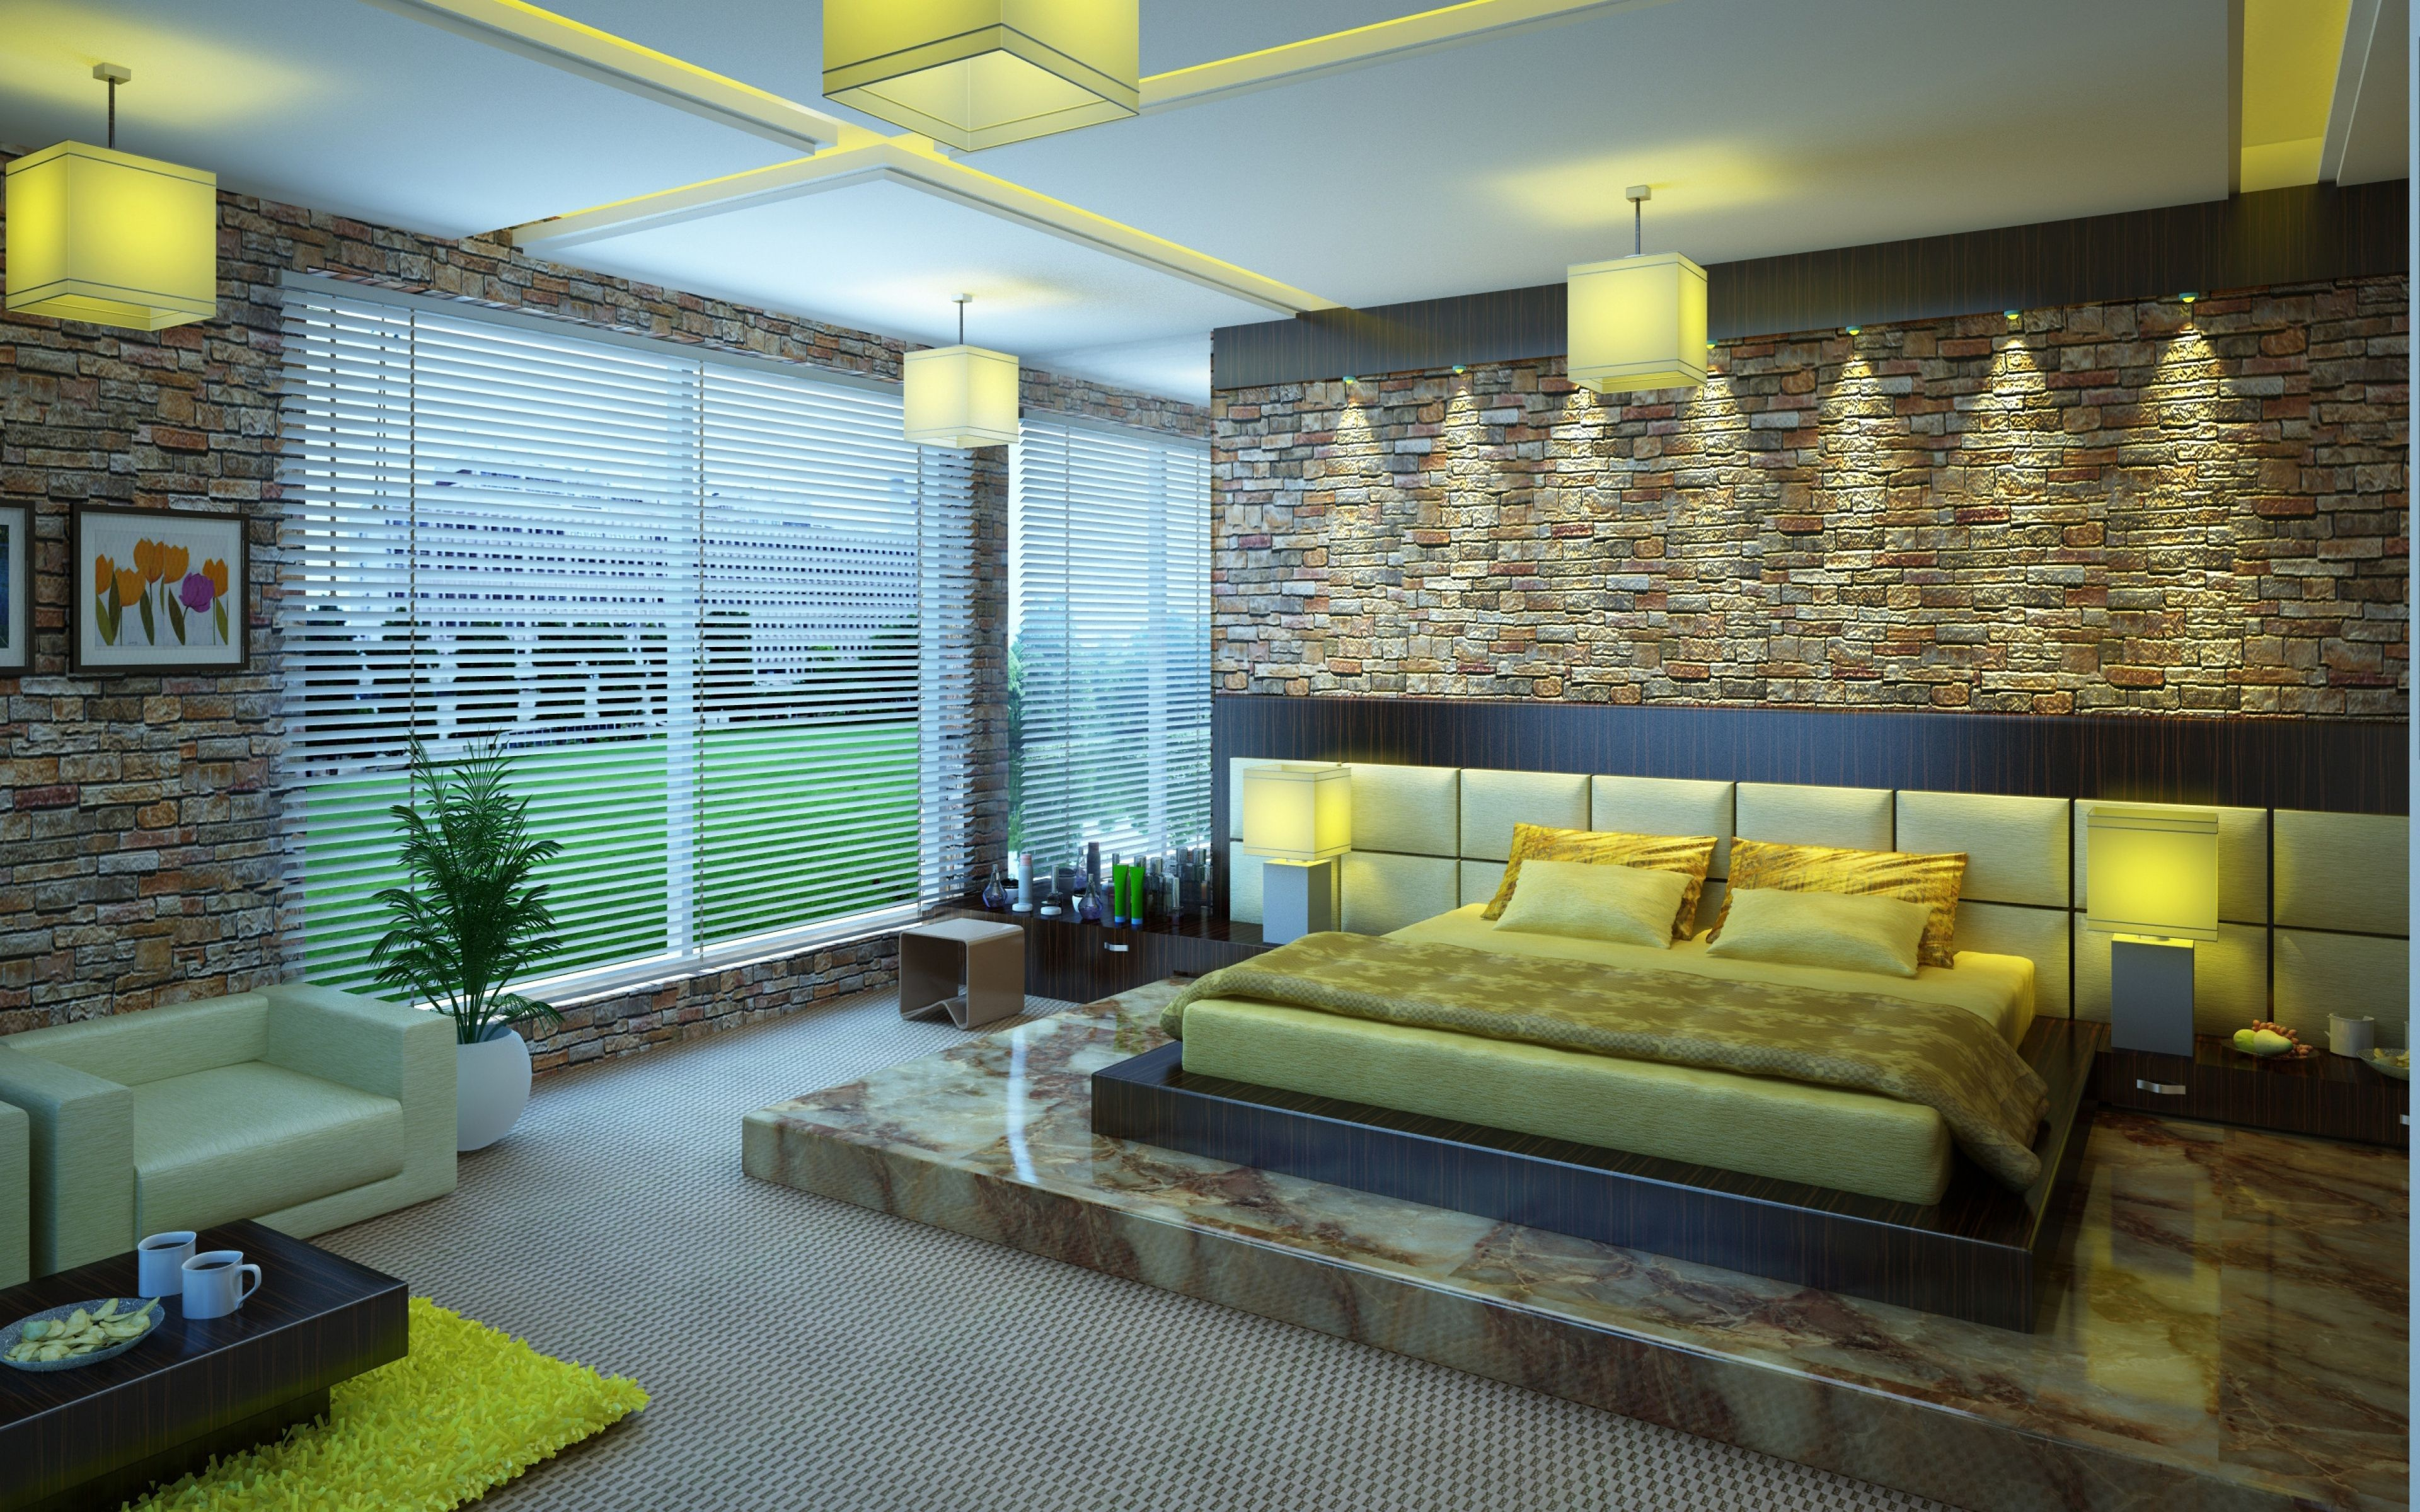 ultra hd 4k luxury wallpapers hd desktop backgrounds 3840x2400